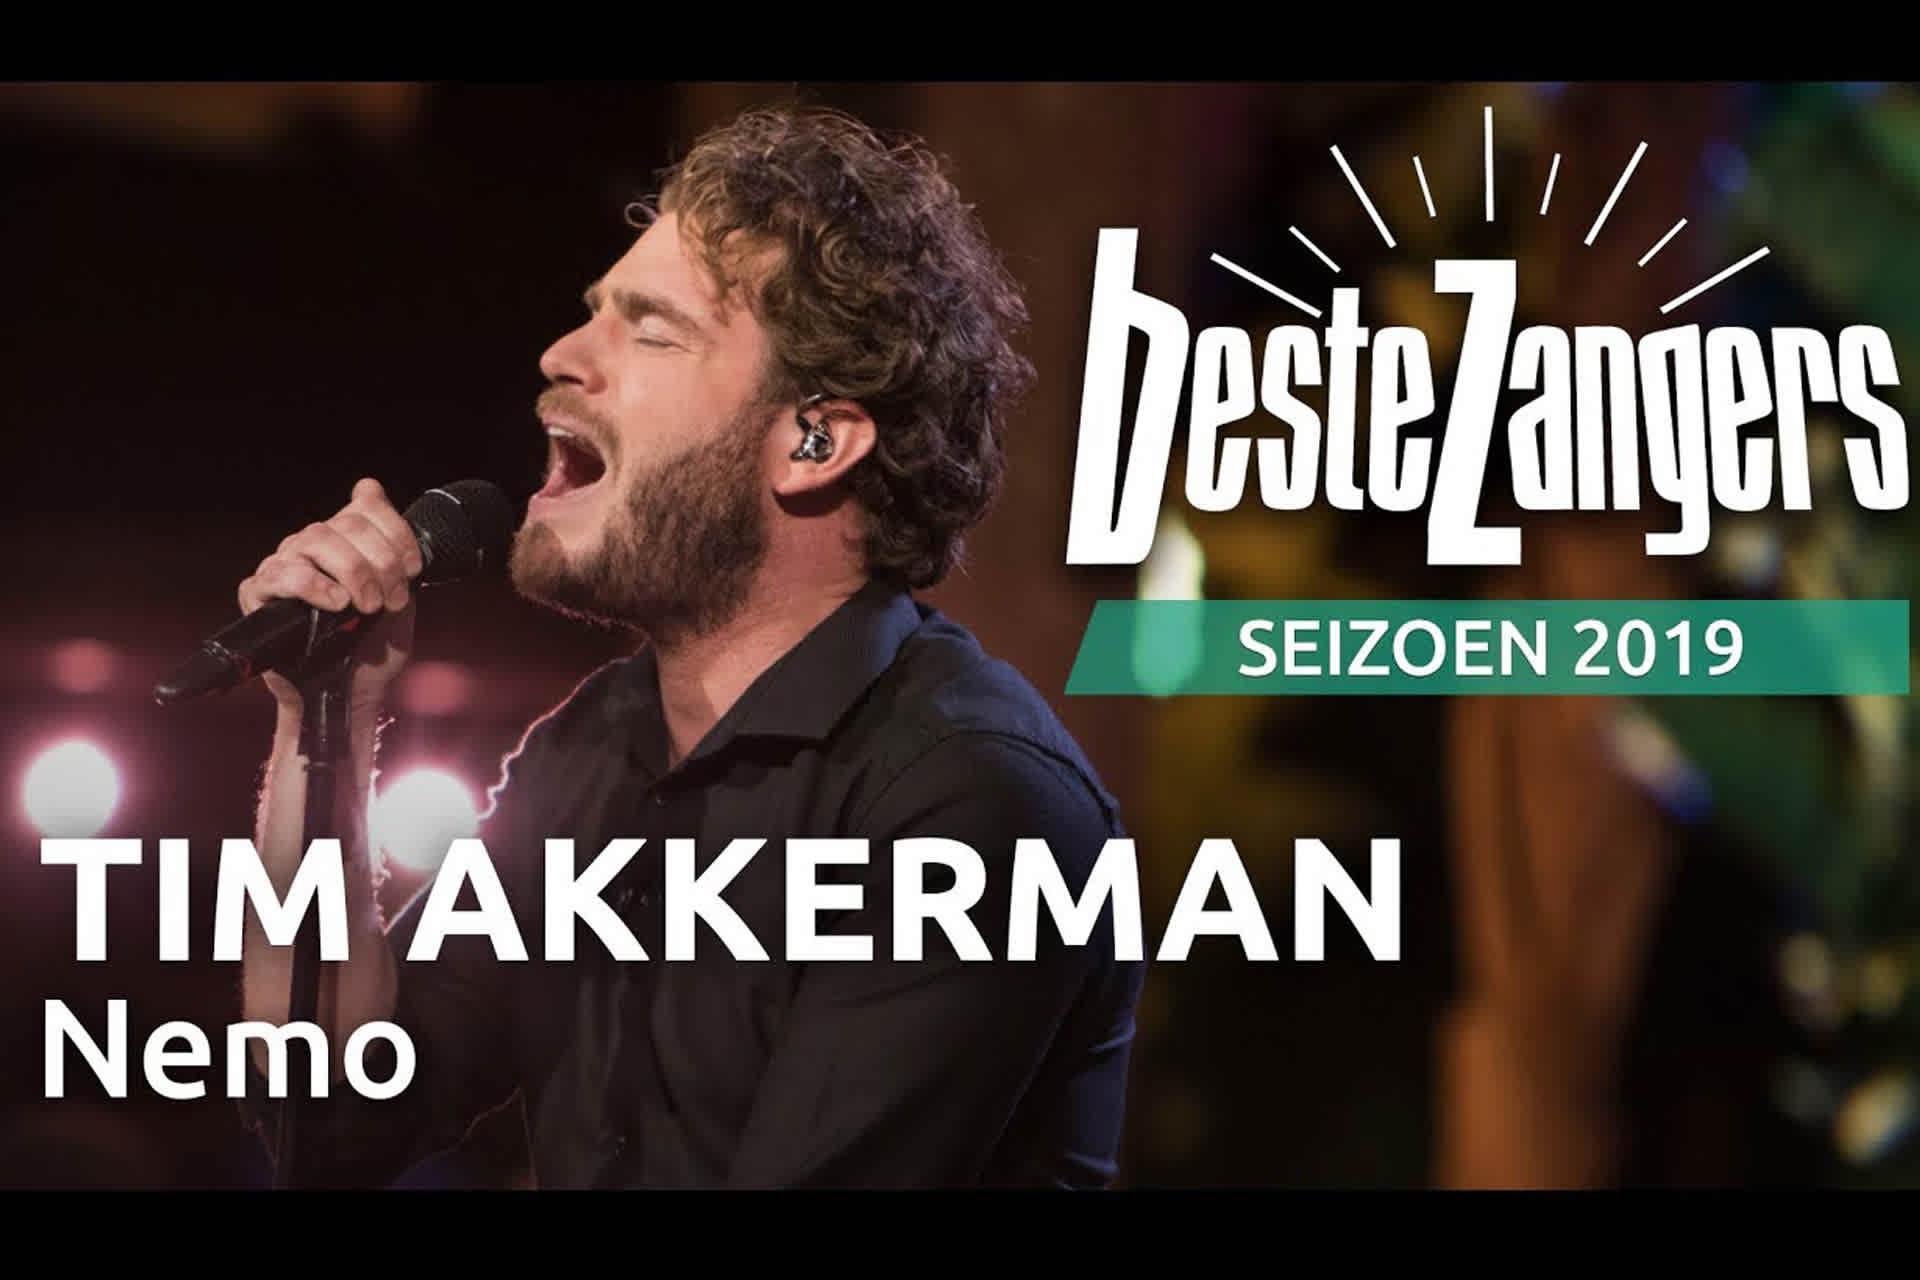 Evenementenhal Texel, Tim Akkerman